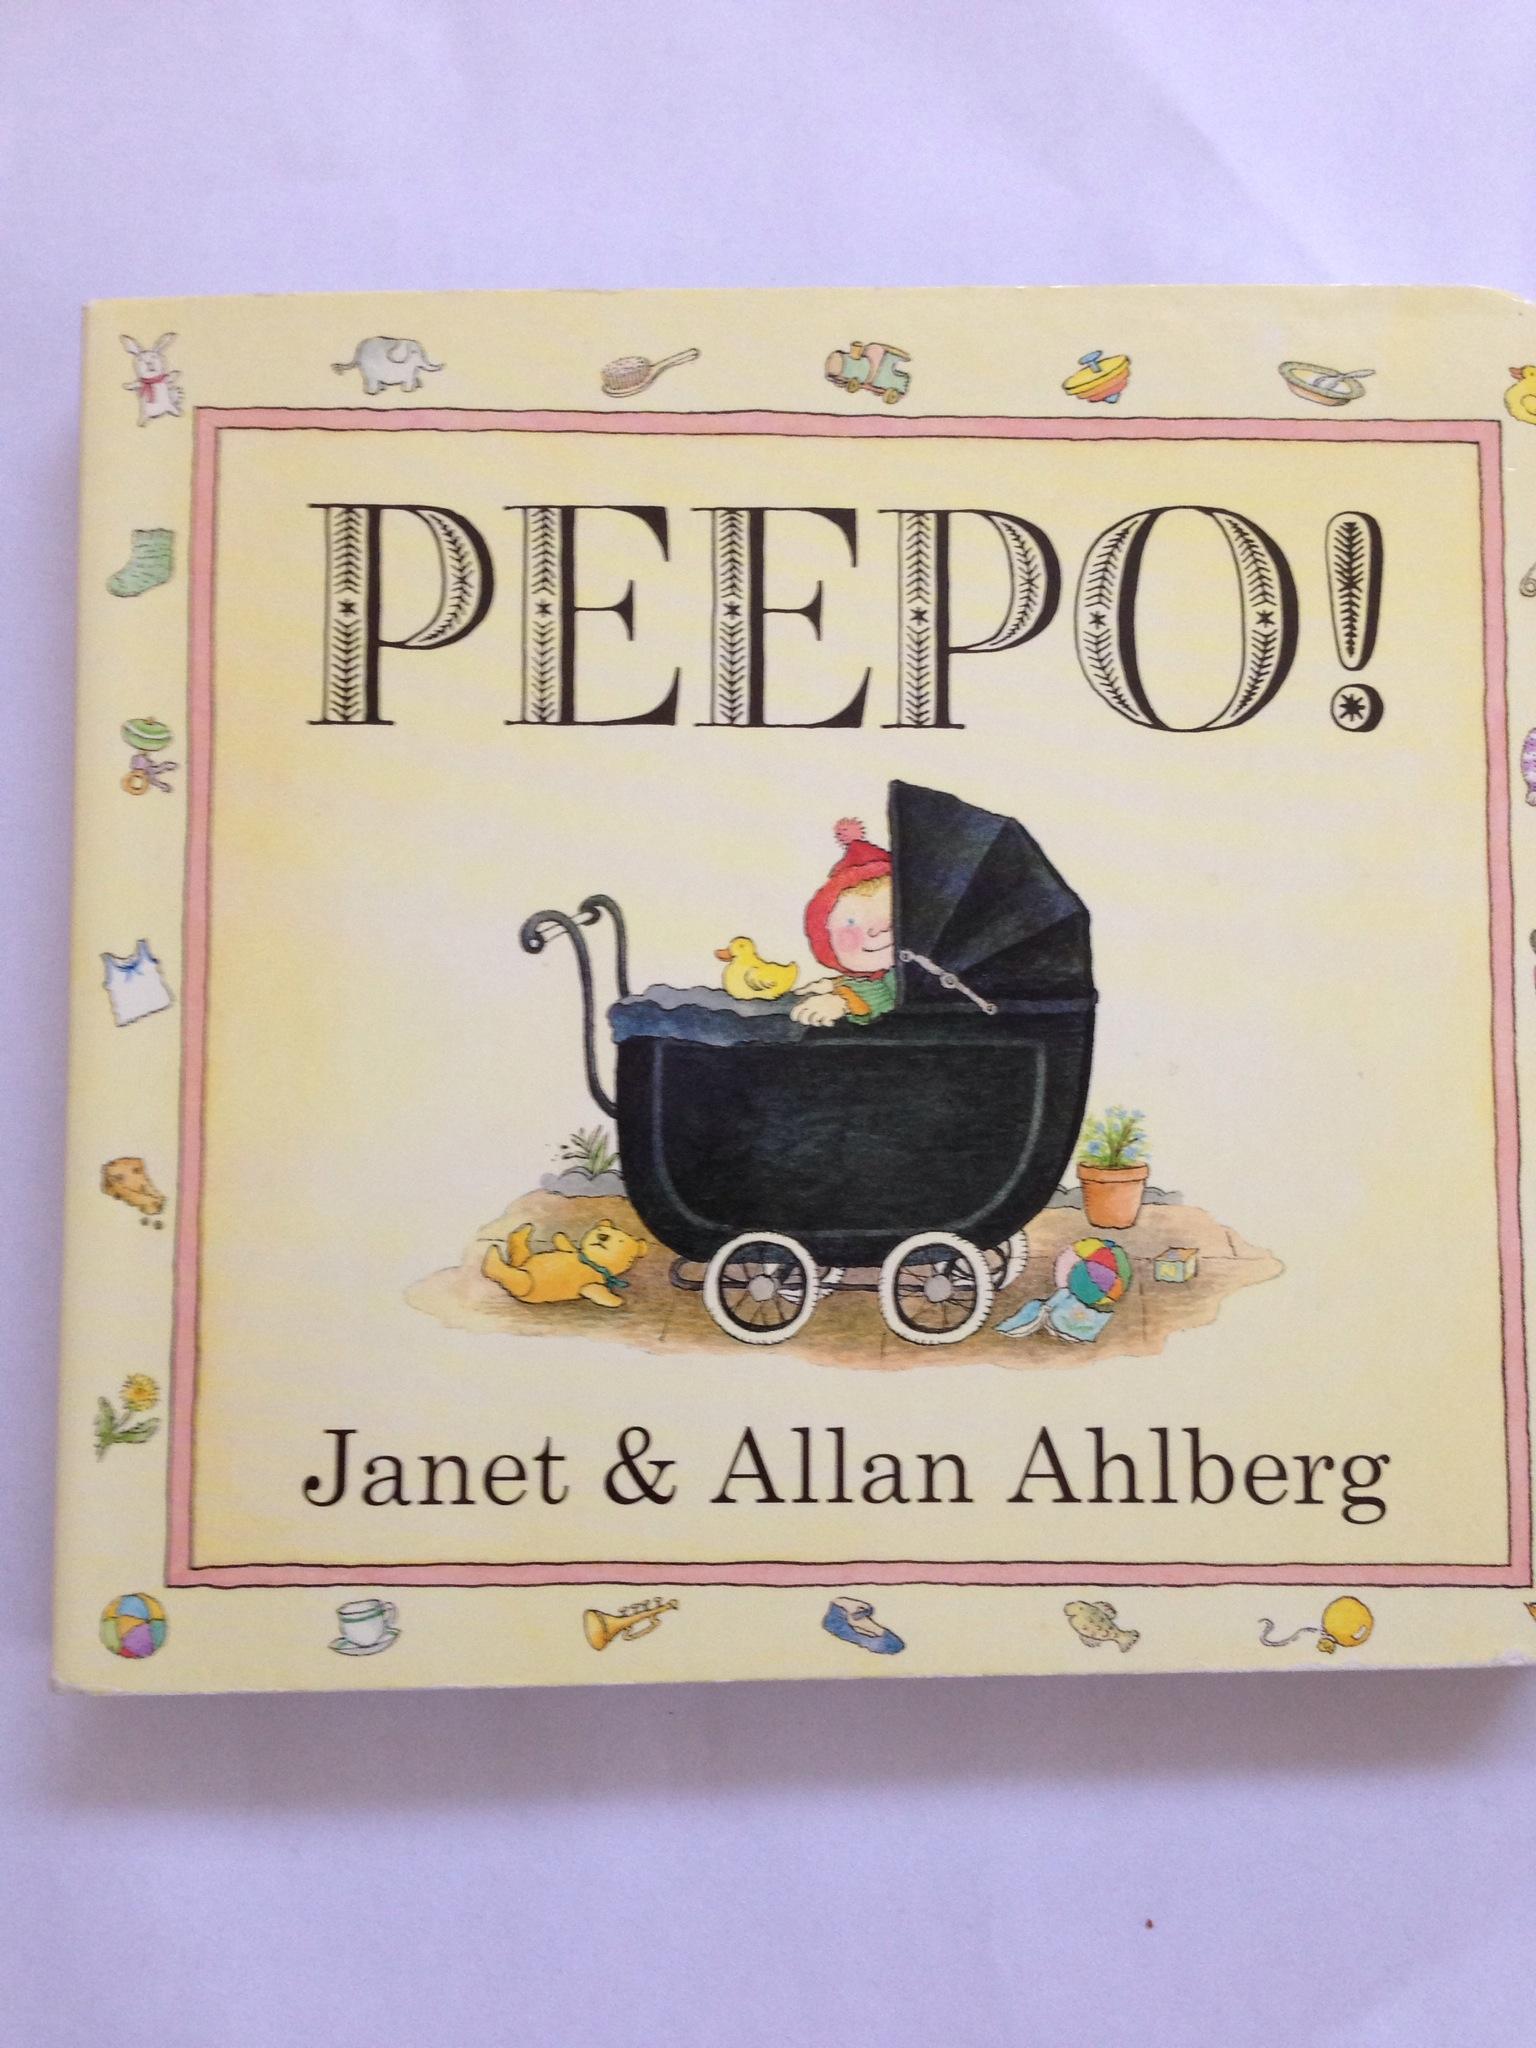 Peepo!